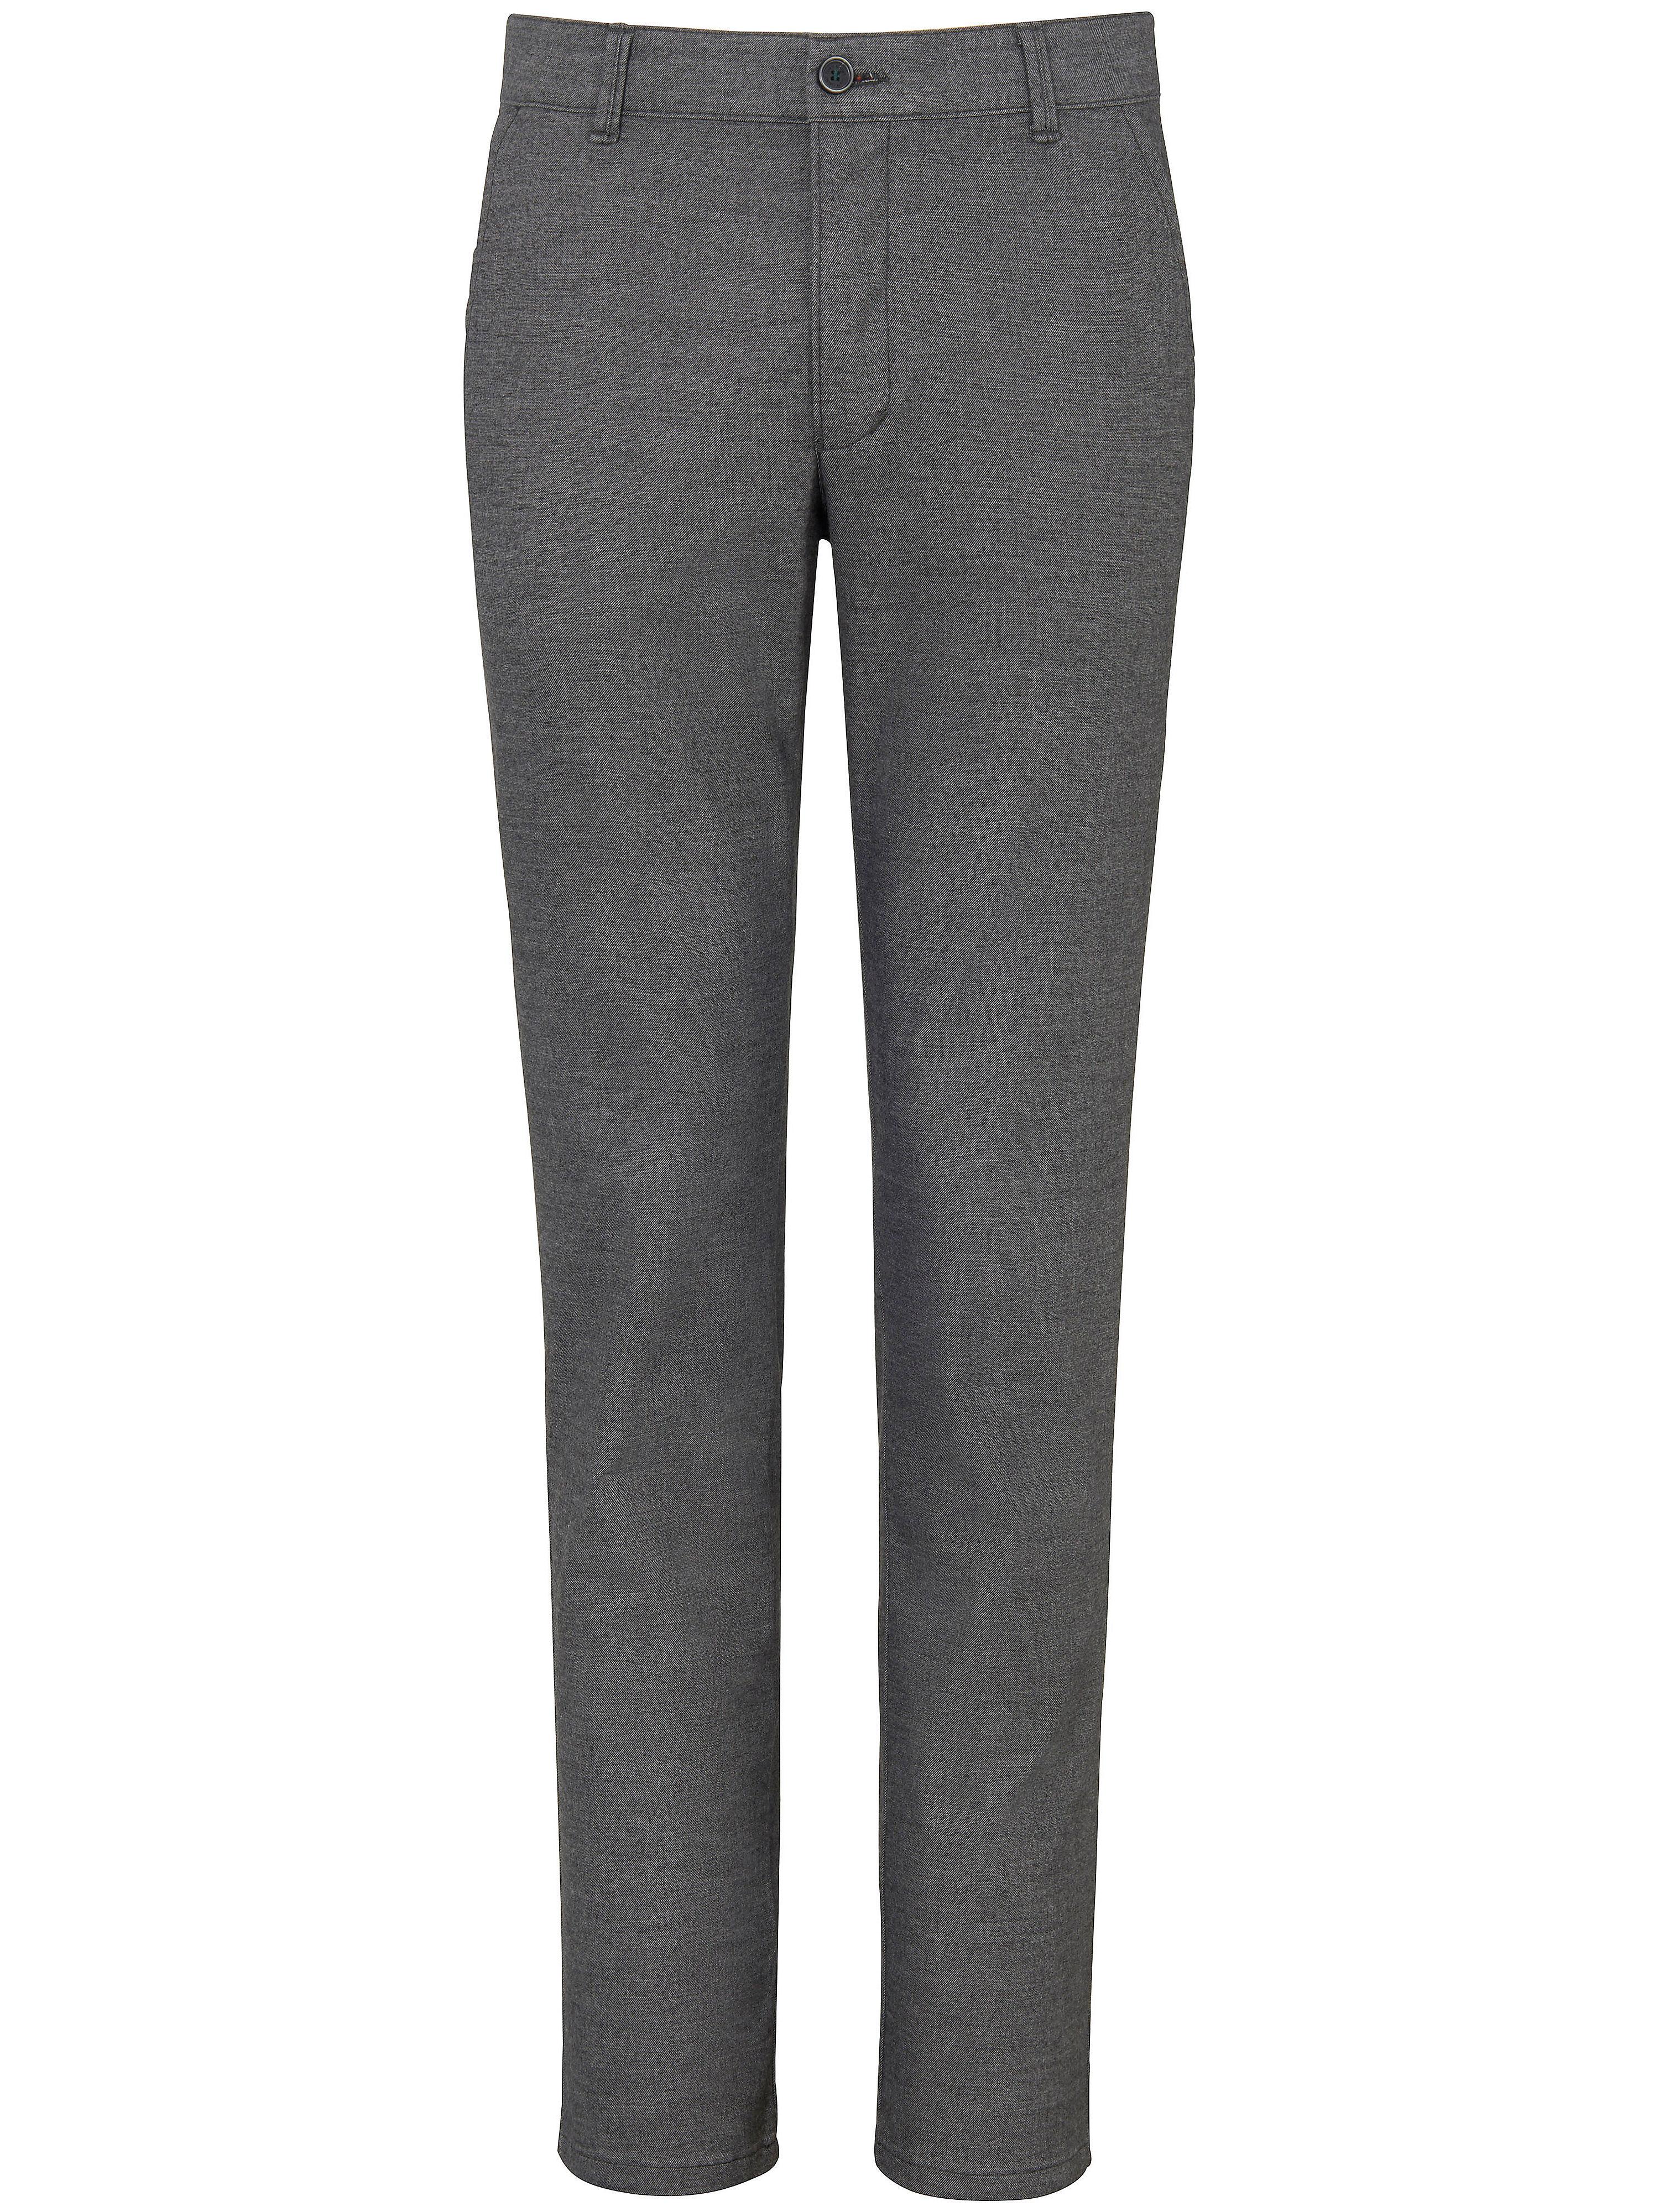 Le pantalon  CLUB OF COMFORT gris